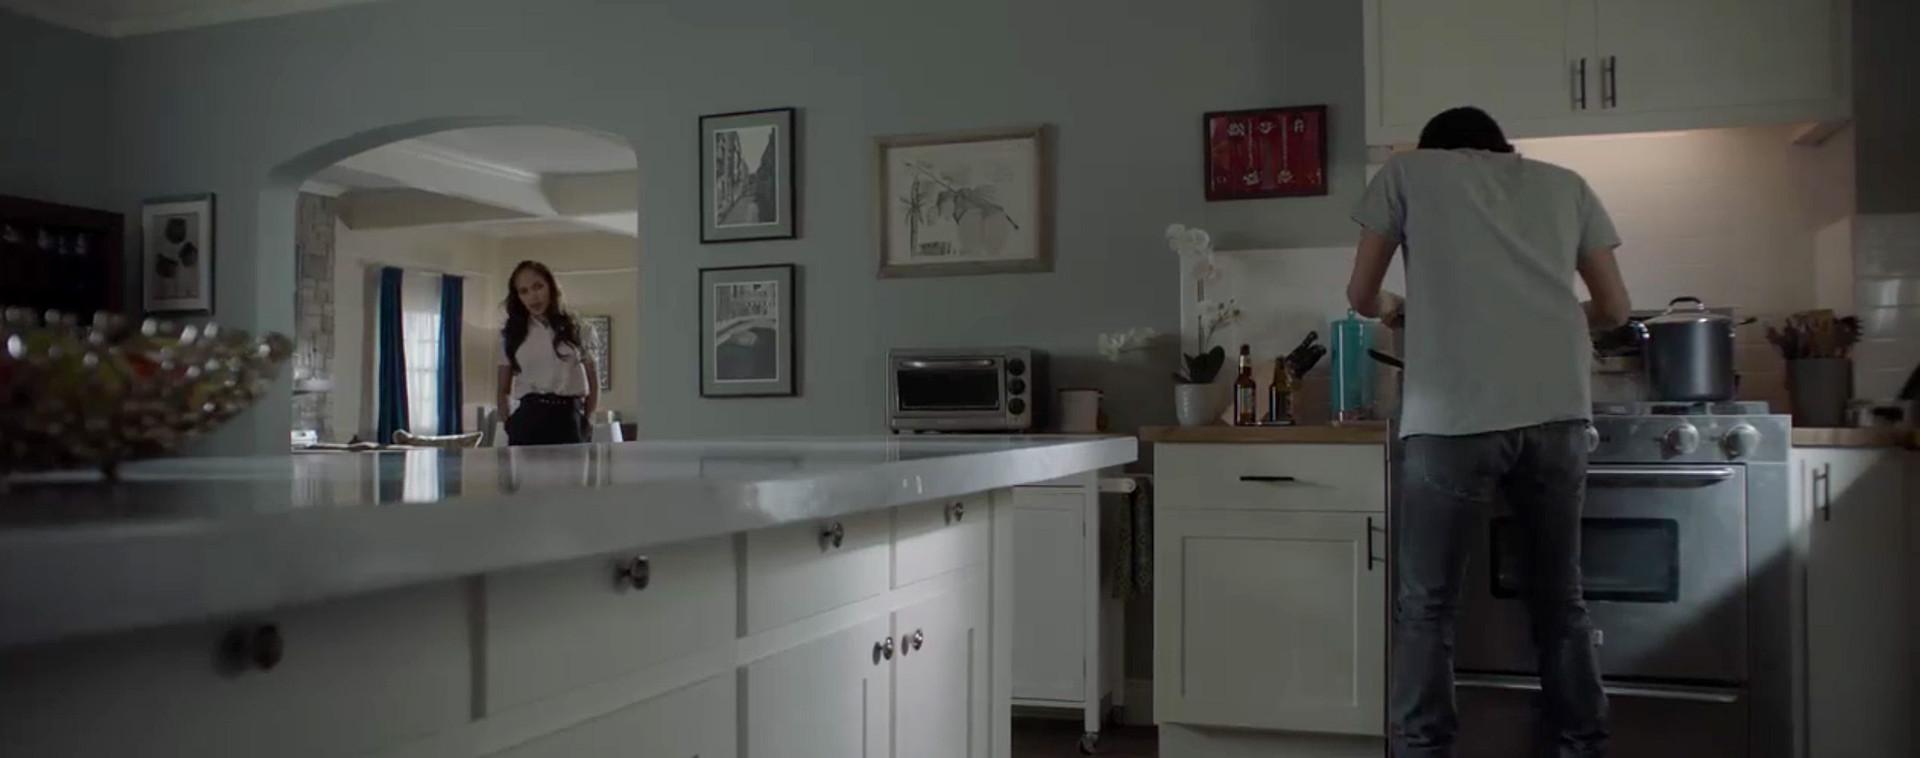 Esme Kitchen.jpg